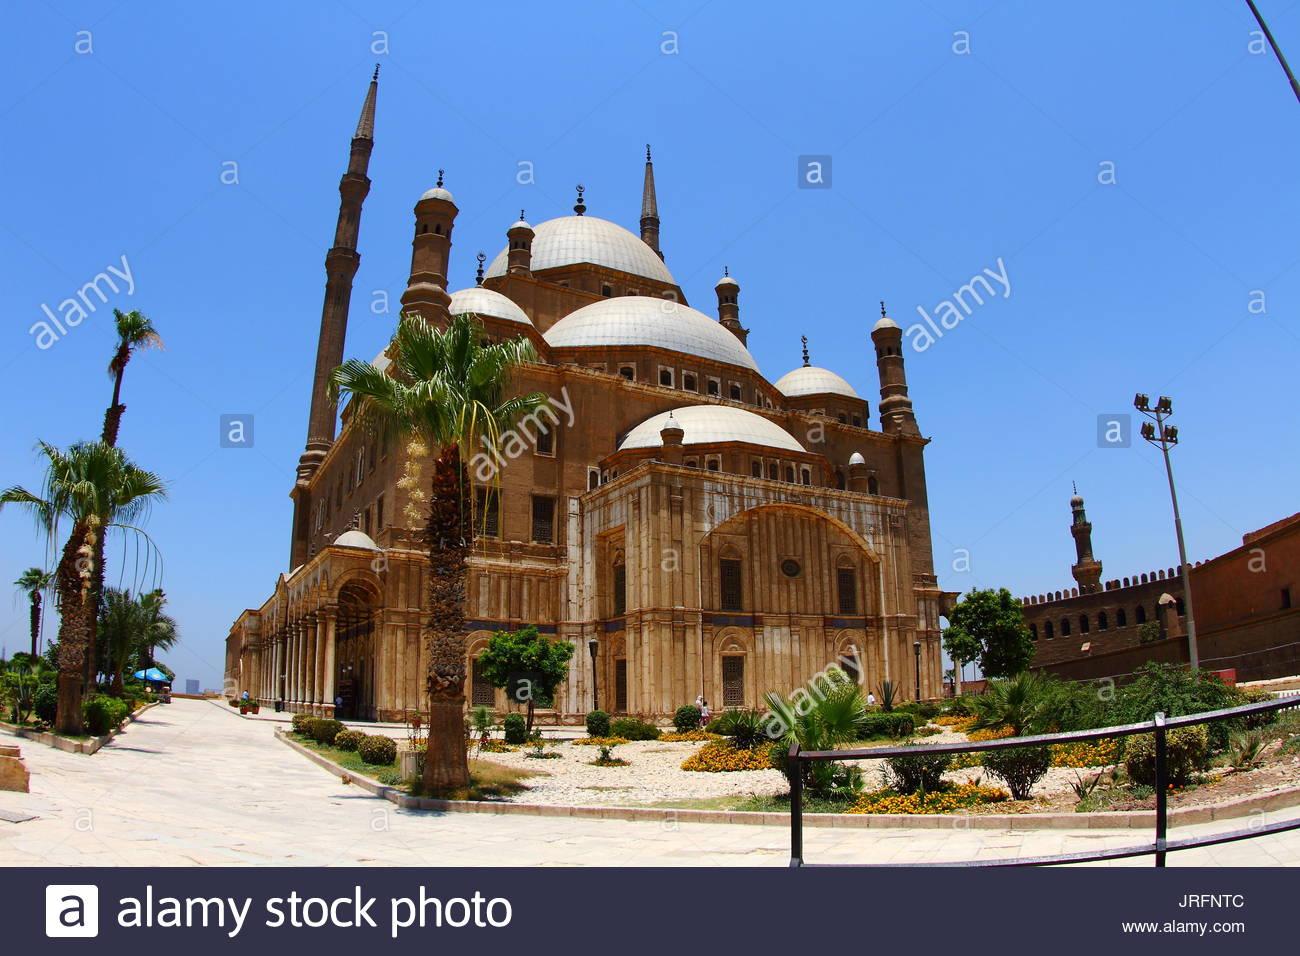 Égypte - Le Caire - La Citadelle - Mosquée Photo Stock